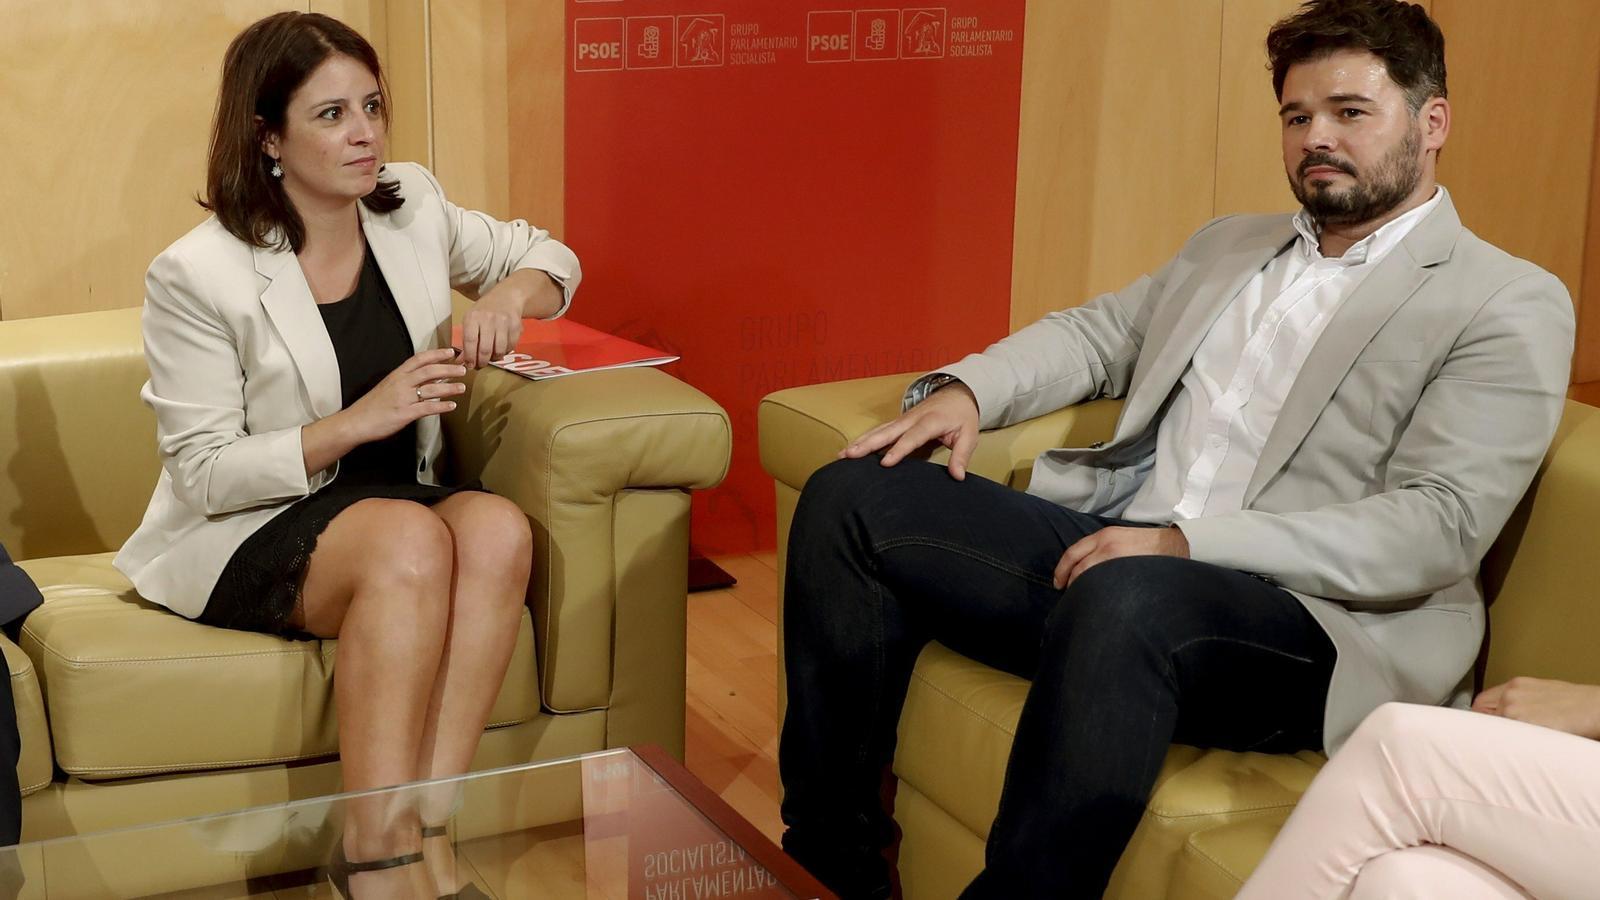 La portaveu del PSOE al Congrés, Adriana Lastra, durant la seva reunió de dimarts amb Gabriel Rufián.